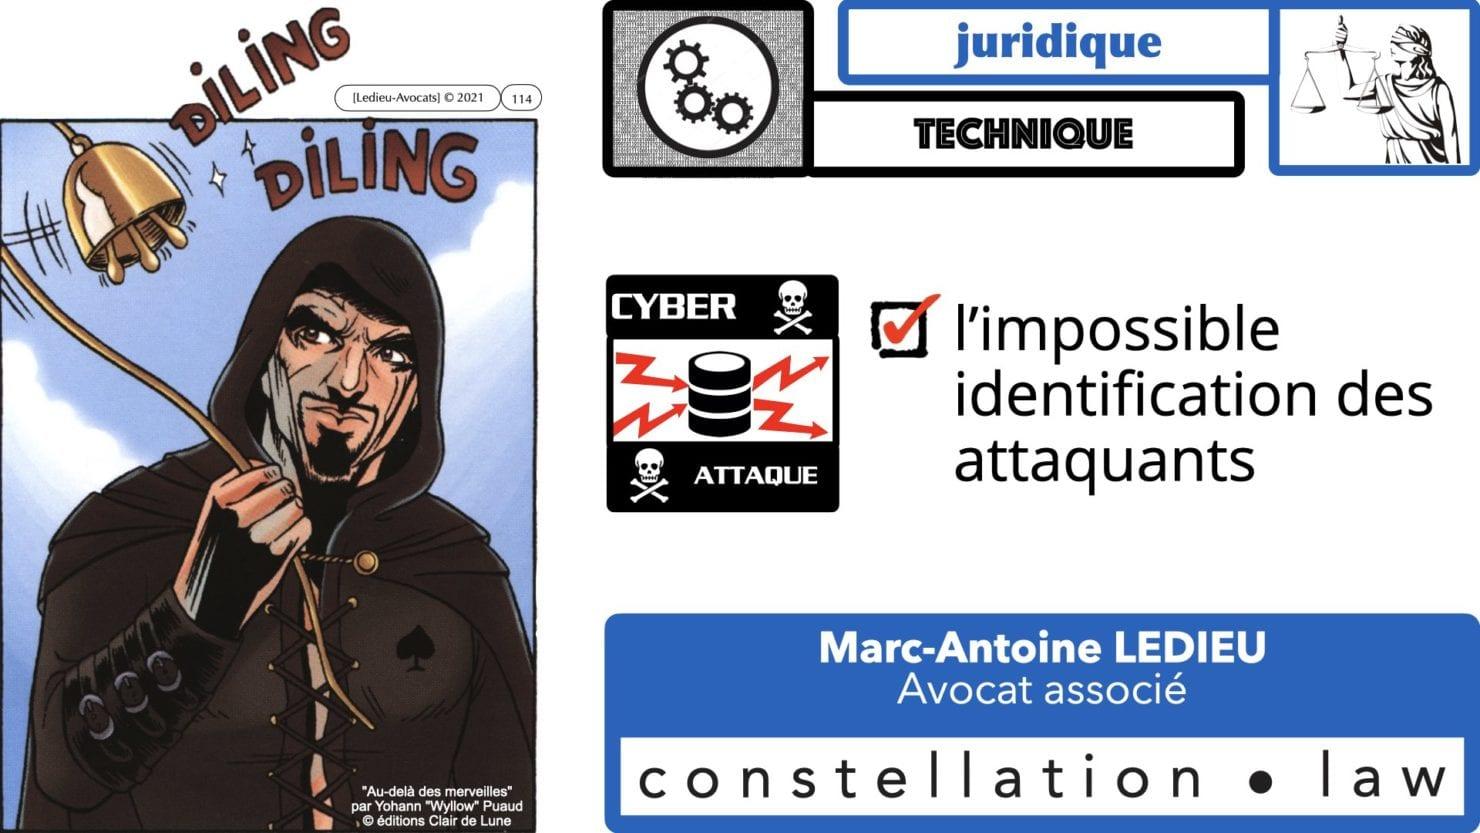 333 CYBER ATTAQUE responsabilité pénale civile contrat © Ledieu-Avocats 23-05-2021.114